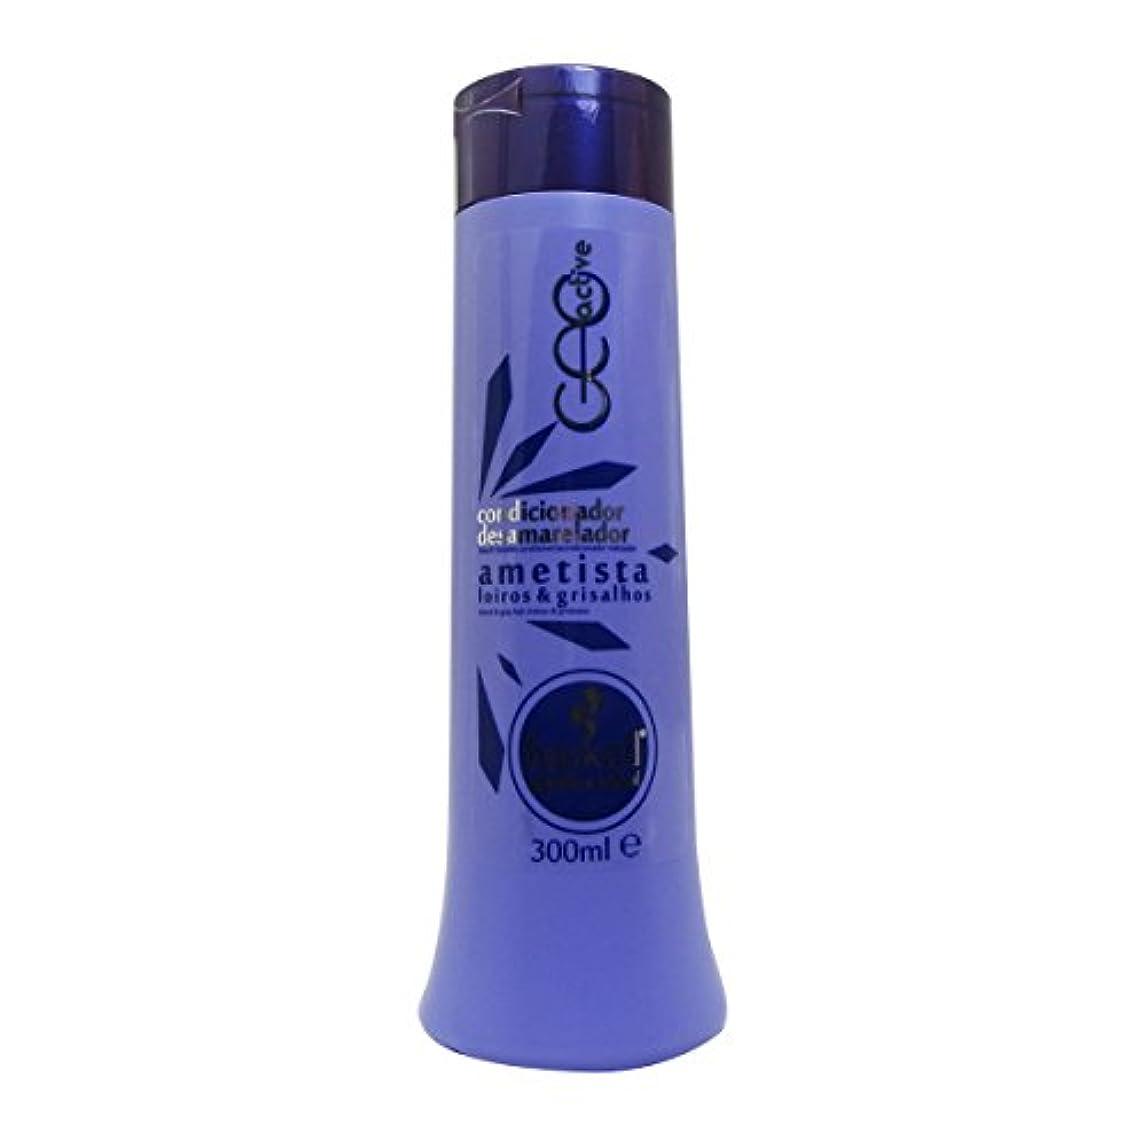 トリプル口径フィードバックHaskell Ametista Conditioner 300ml [並行輸入品]